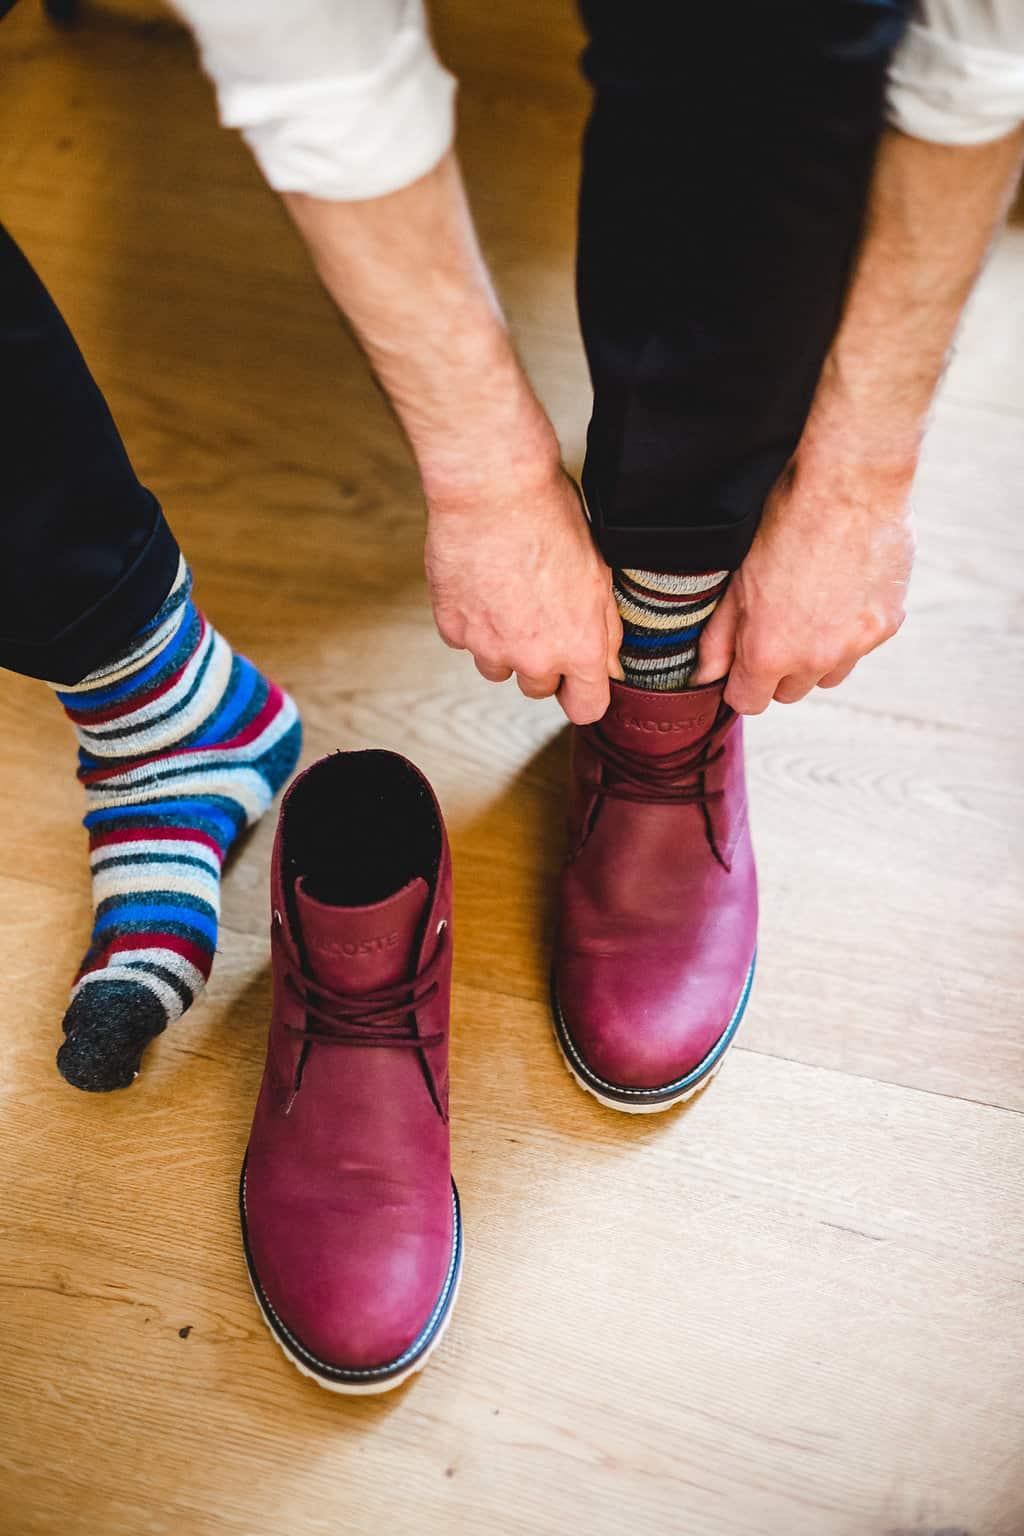 Hochzeitsinspiration: Boho Finesse, Marsala-Gold, rote Schuhe und bunte Socken | marygoesround.de